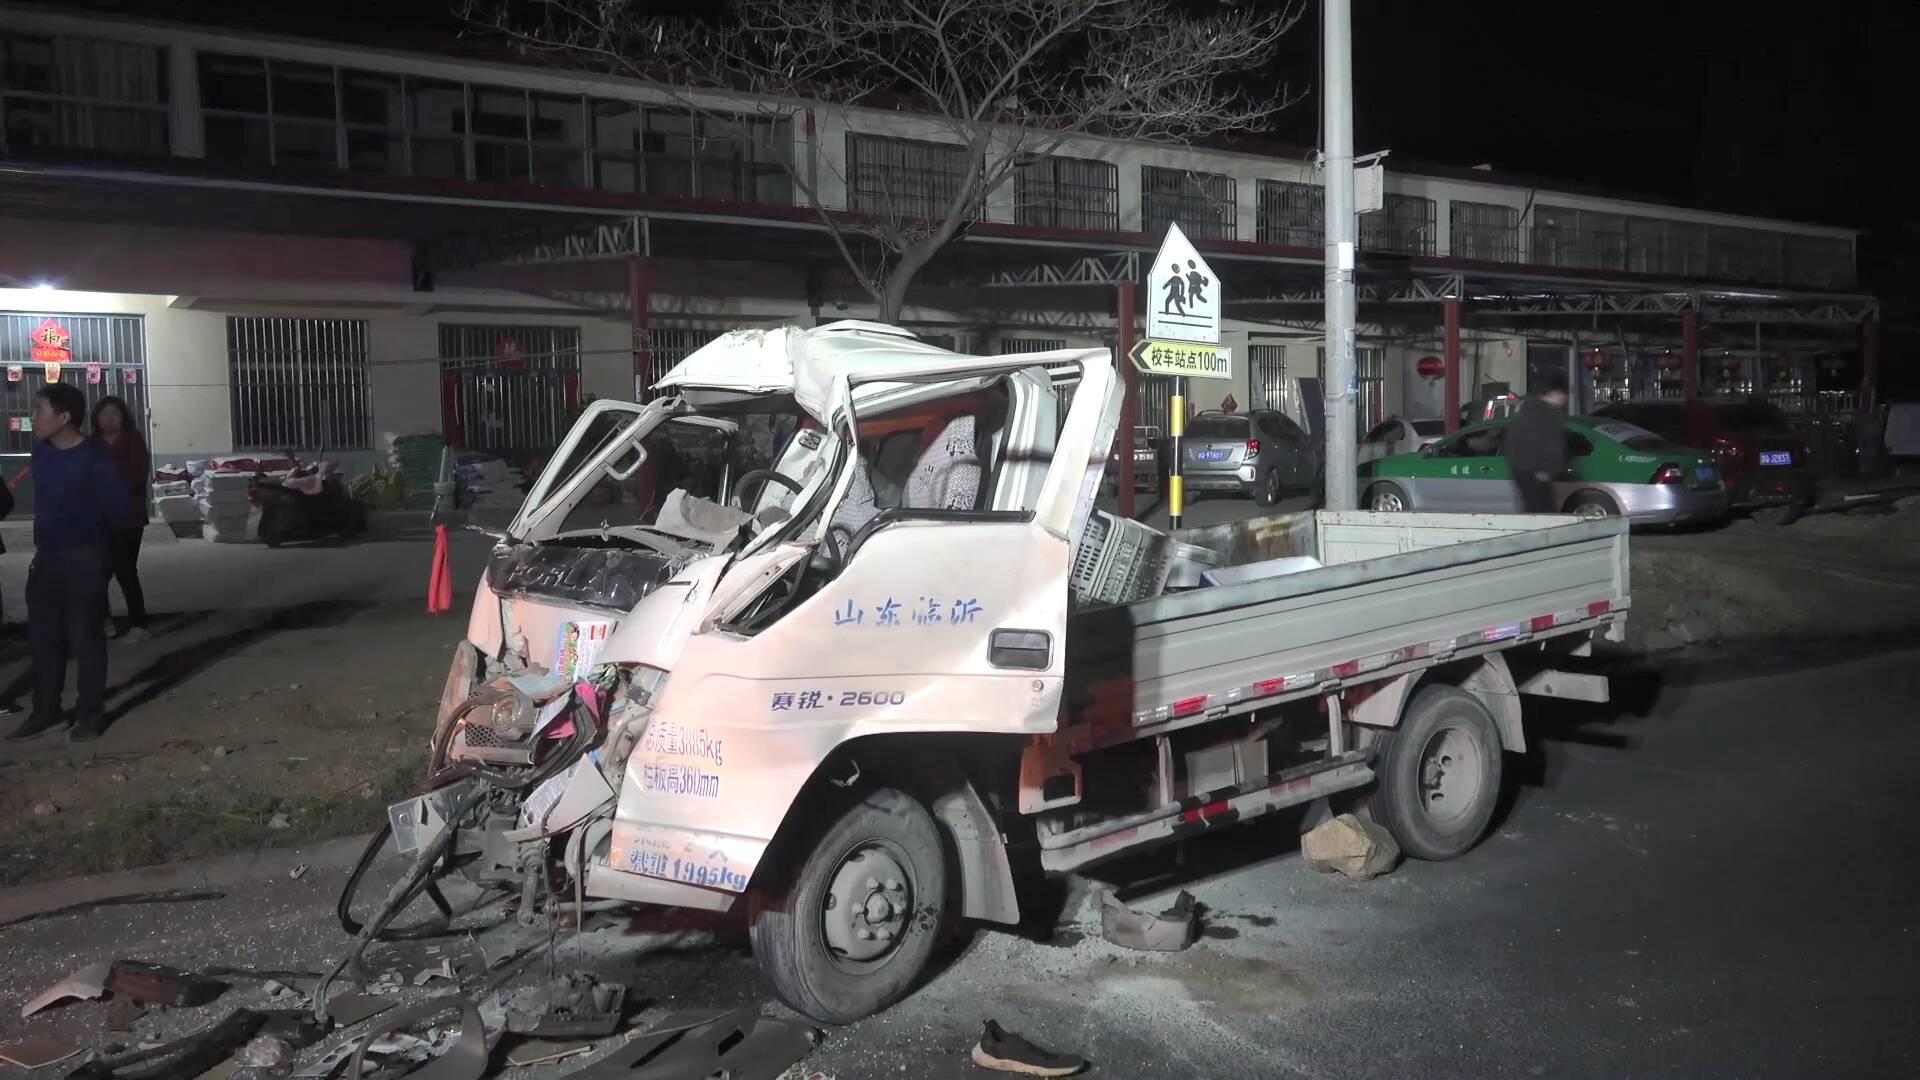 50秒|夜间行车一定要谨慎慢行!临沂两车追尾 驾驶室严重变形 一名司机被困